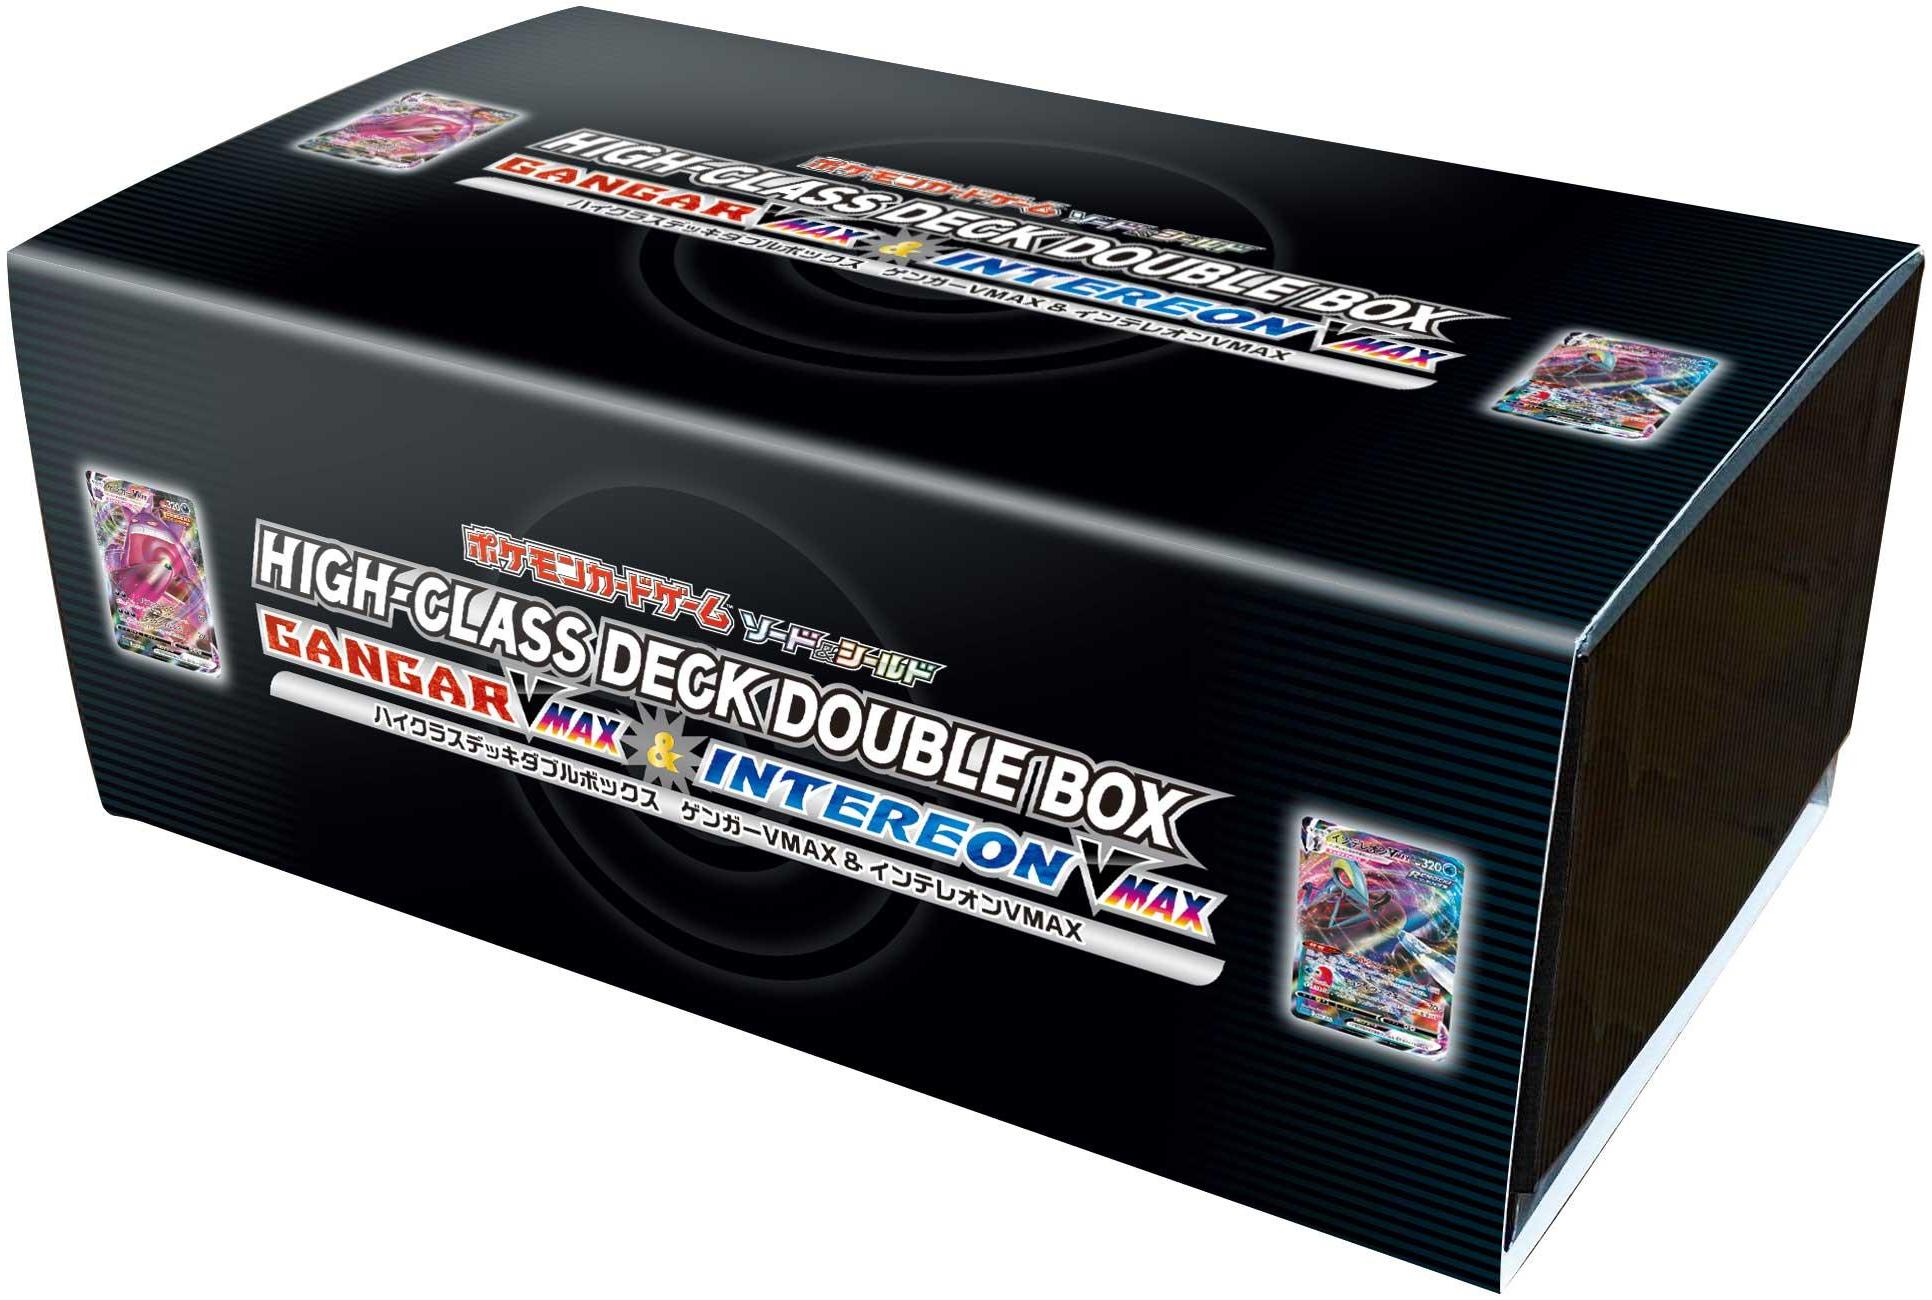 High Class Decks Double Box.png